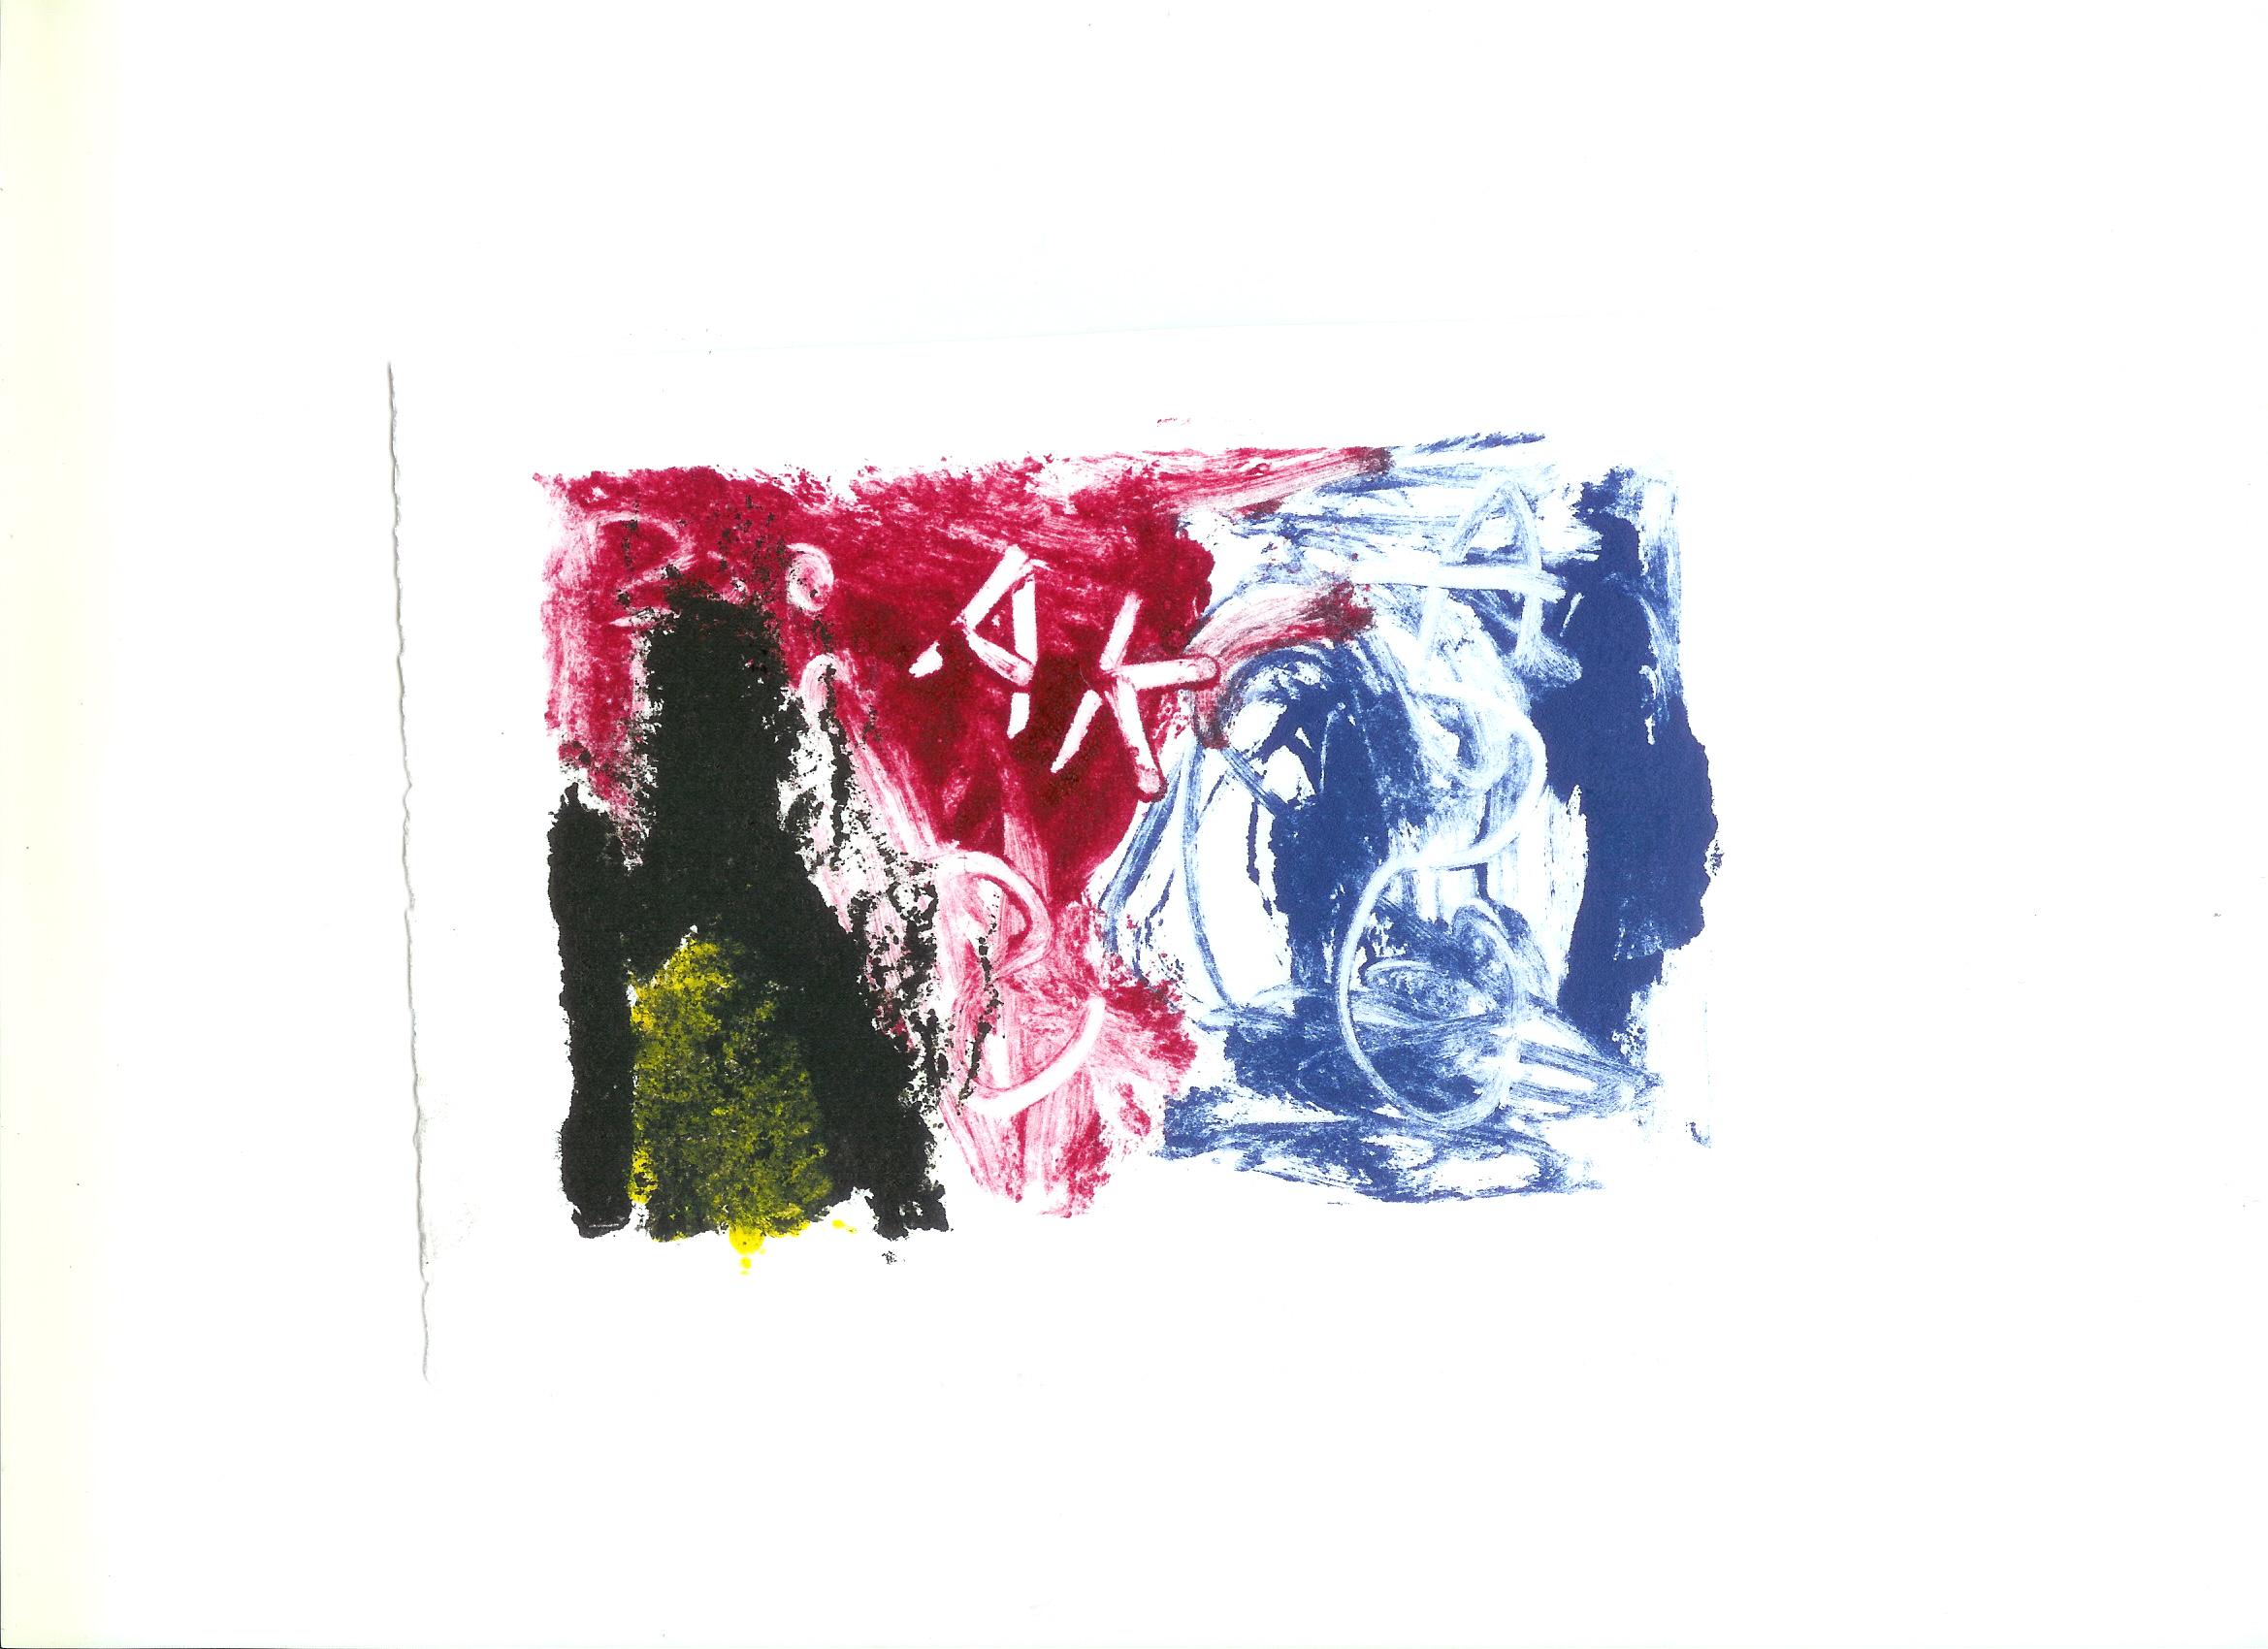 Drew's art